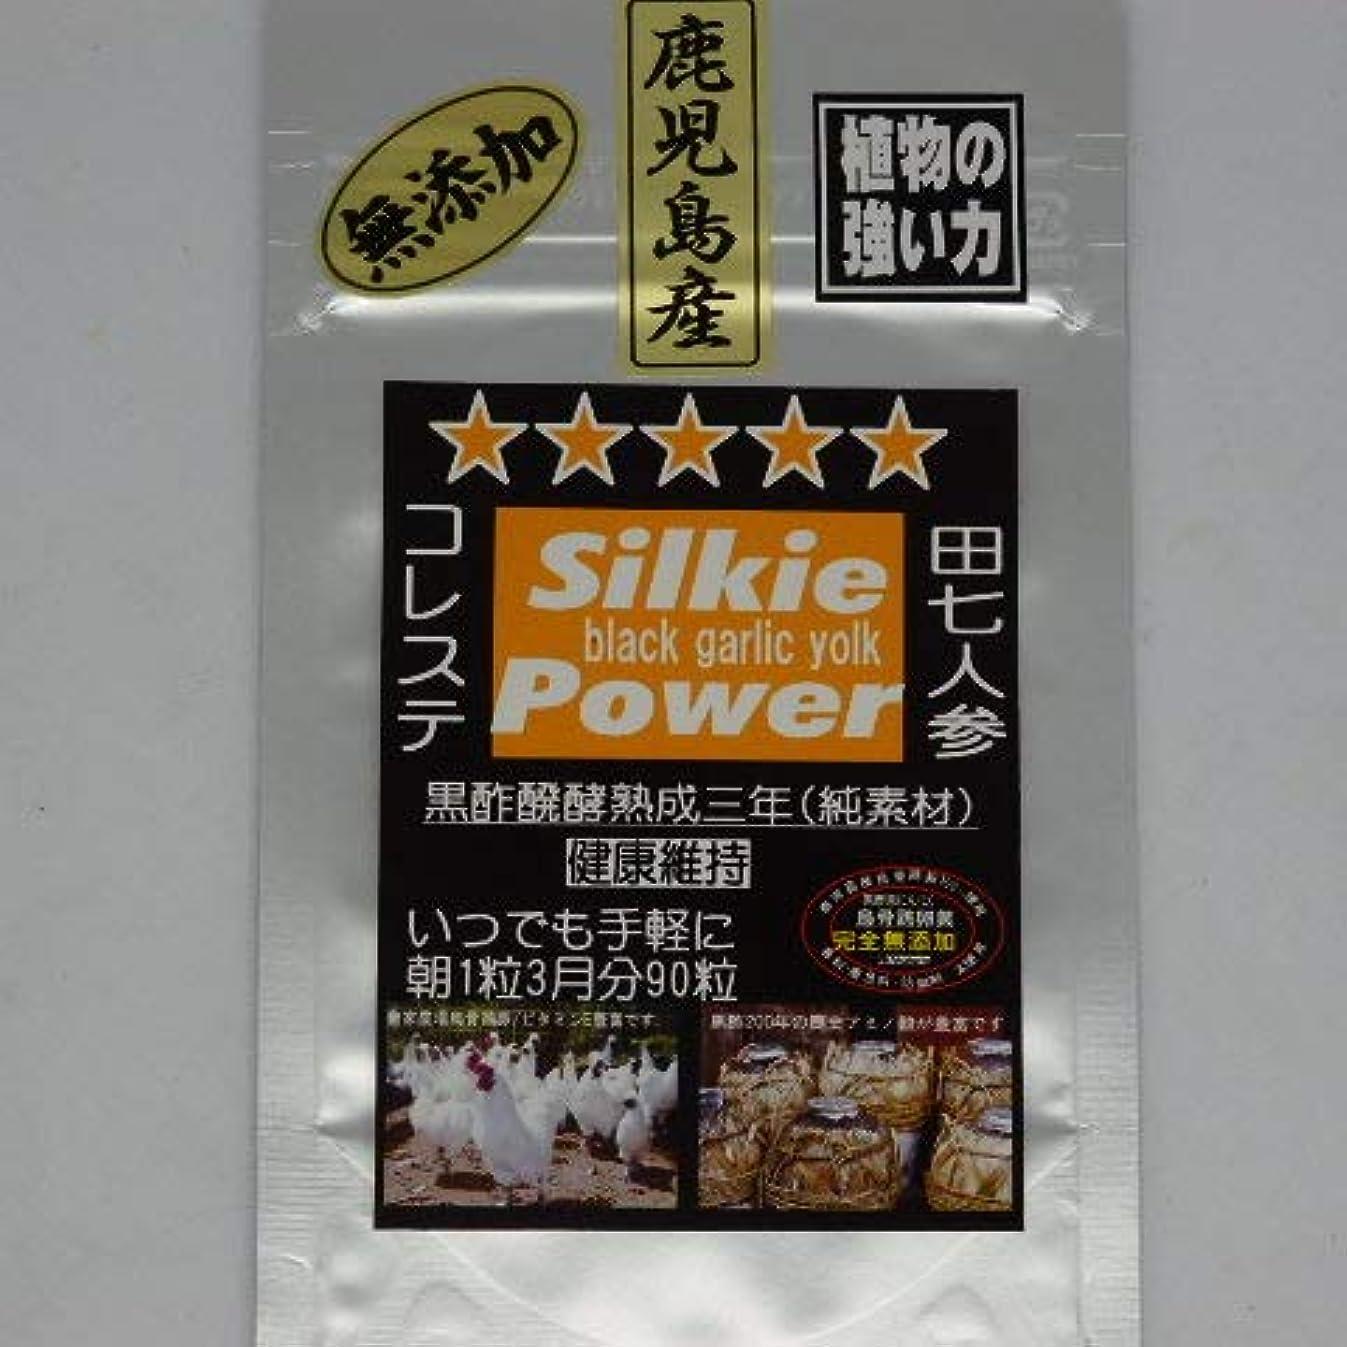 巻き取り古代忘れっぽい黒酢黒にんにく烏骨鶏卵黄/田七人参(90粒)90日分¥11,700